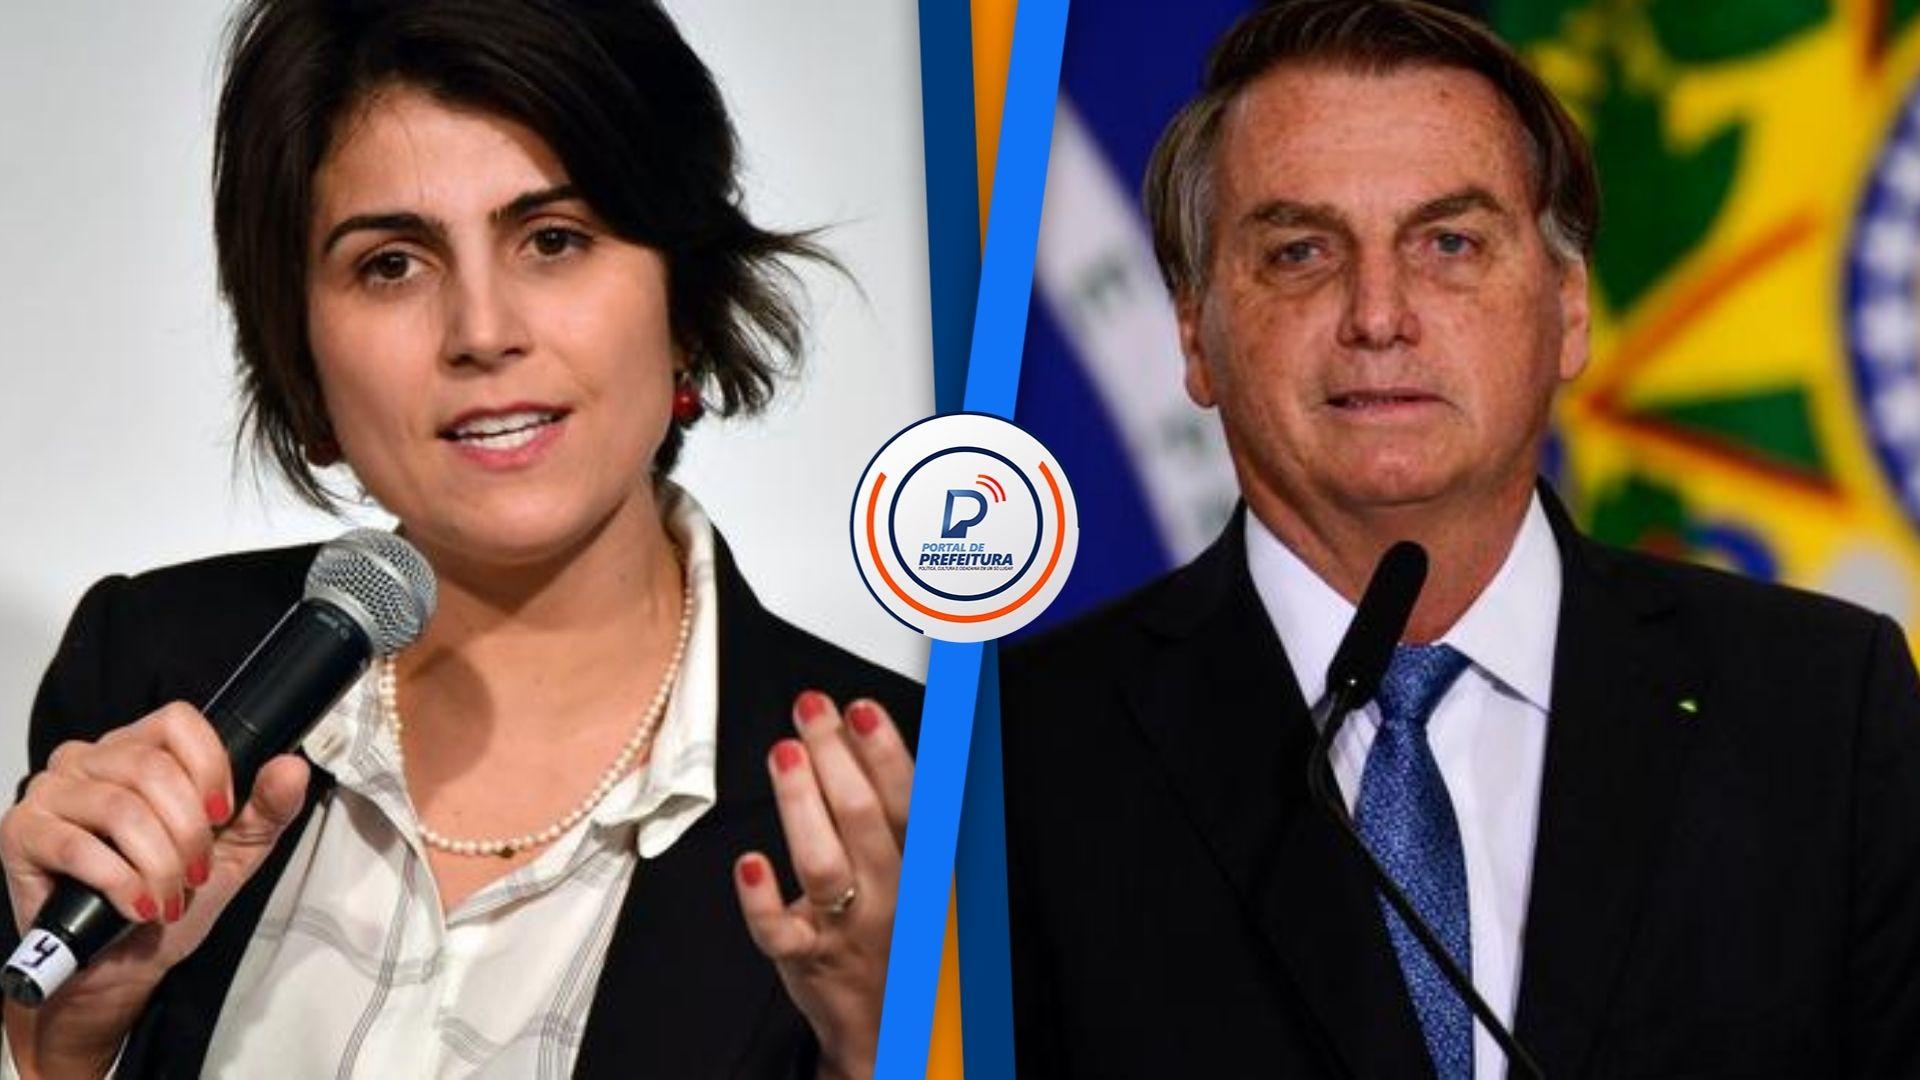 """Manuela d'�vila critica Bolsonaro após presidente associar vacinação com a Aids: """"deve ser responsabilizado pelas fakes que dispara"""""""